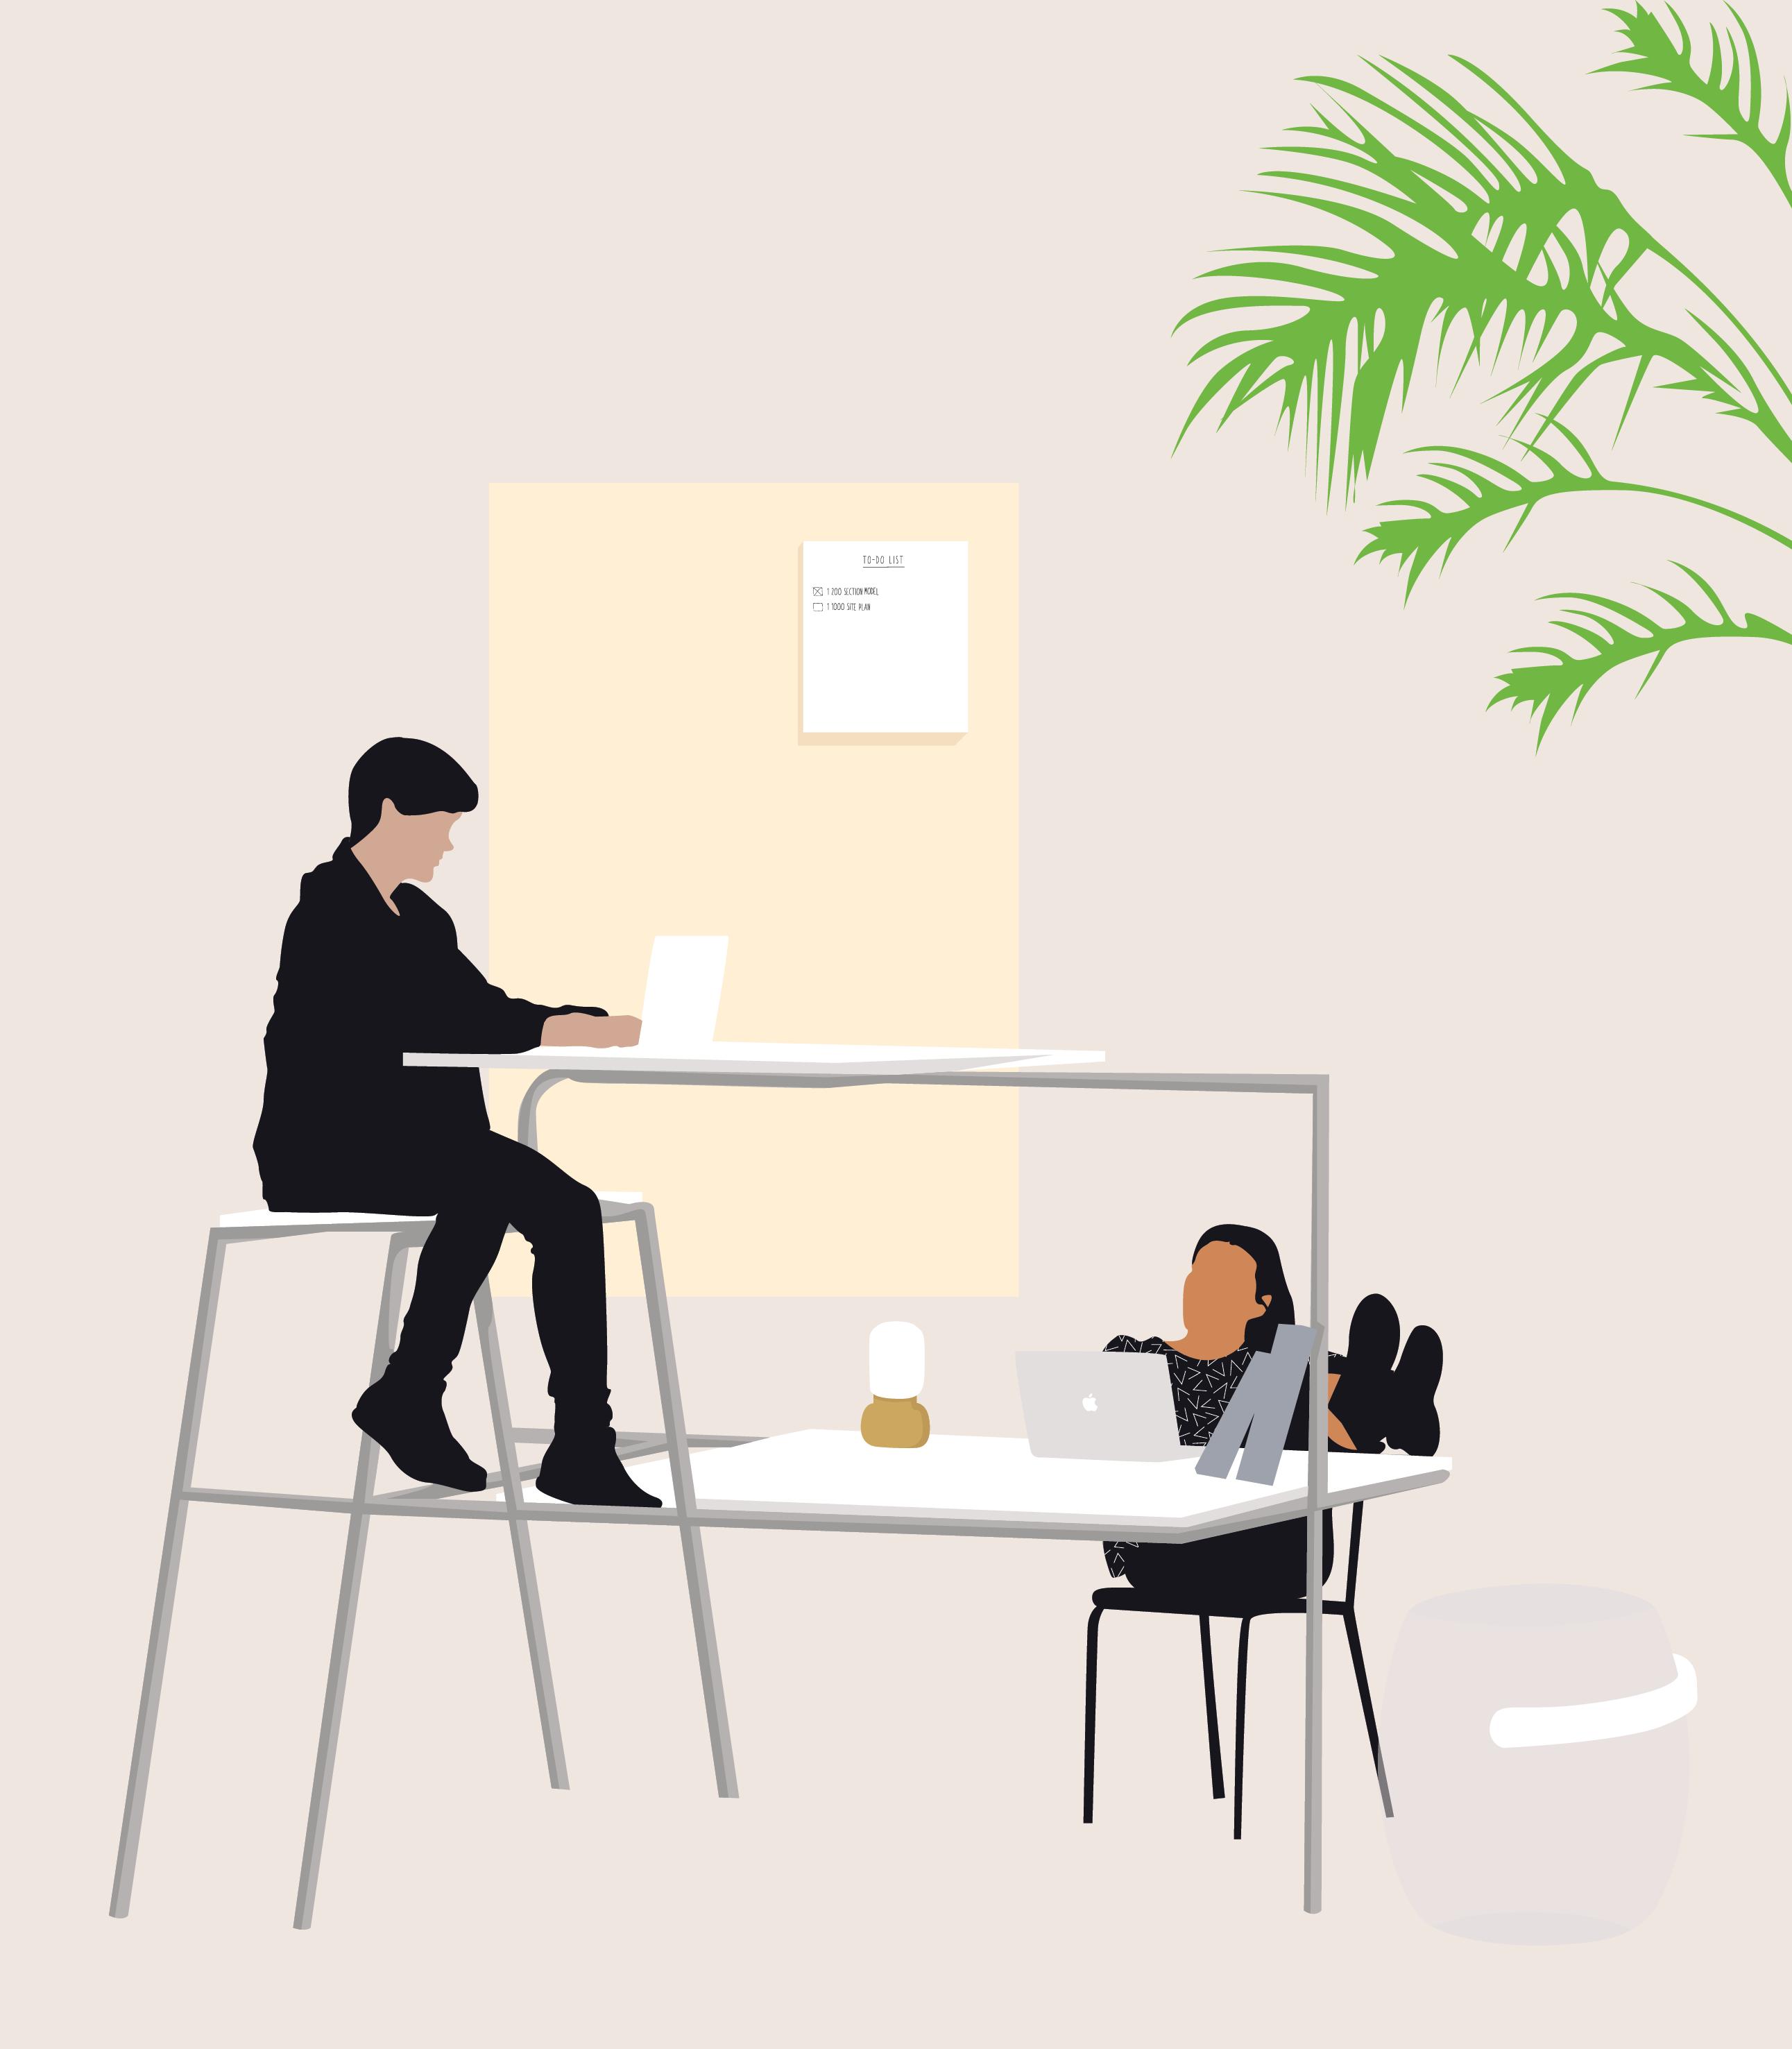 Gambar Bayangan Orang Pejabat Korporat Siluet Orang Korporat Siluet Orang Pejabat Siluet Kartun Png Dan Vektor Untuk Muat Turun Percuma Silhouette People Cartoon Silhouette Office People